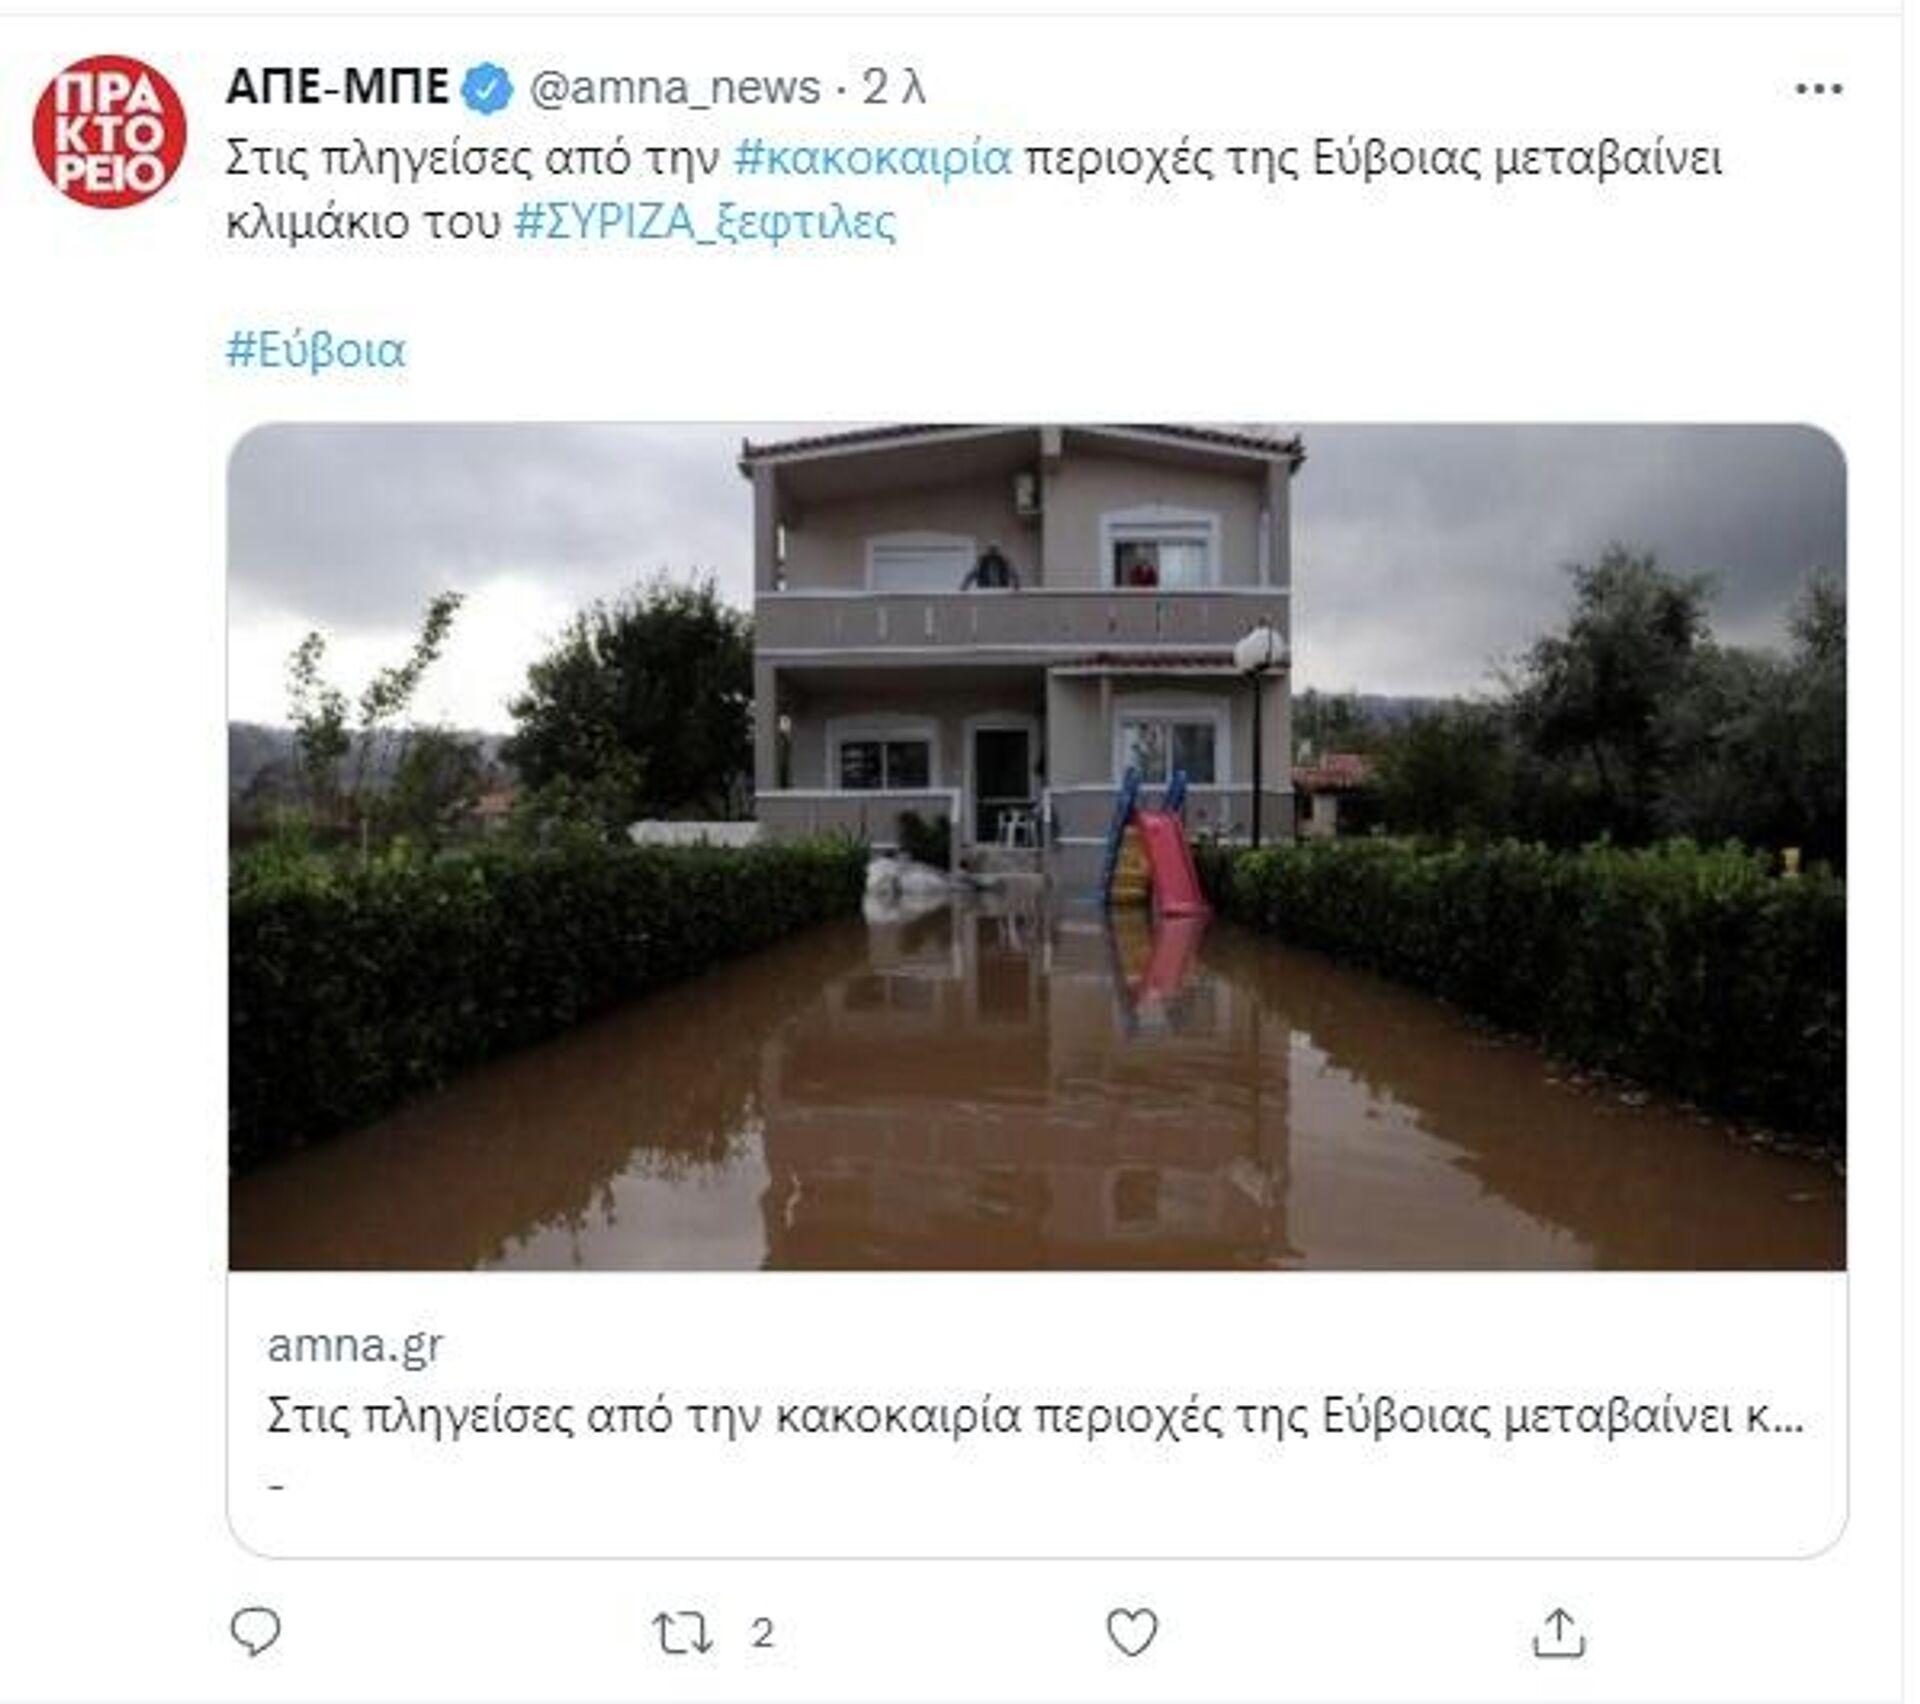 Το ΑΠΕ-ΜΠΕ έκανε ανάρτηση με hashtag #ΣΥΡΙΖΑ_ξεφτίλες - Sputnik Ελλάδα, 1920, 11.10.2021